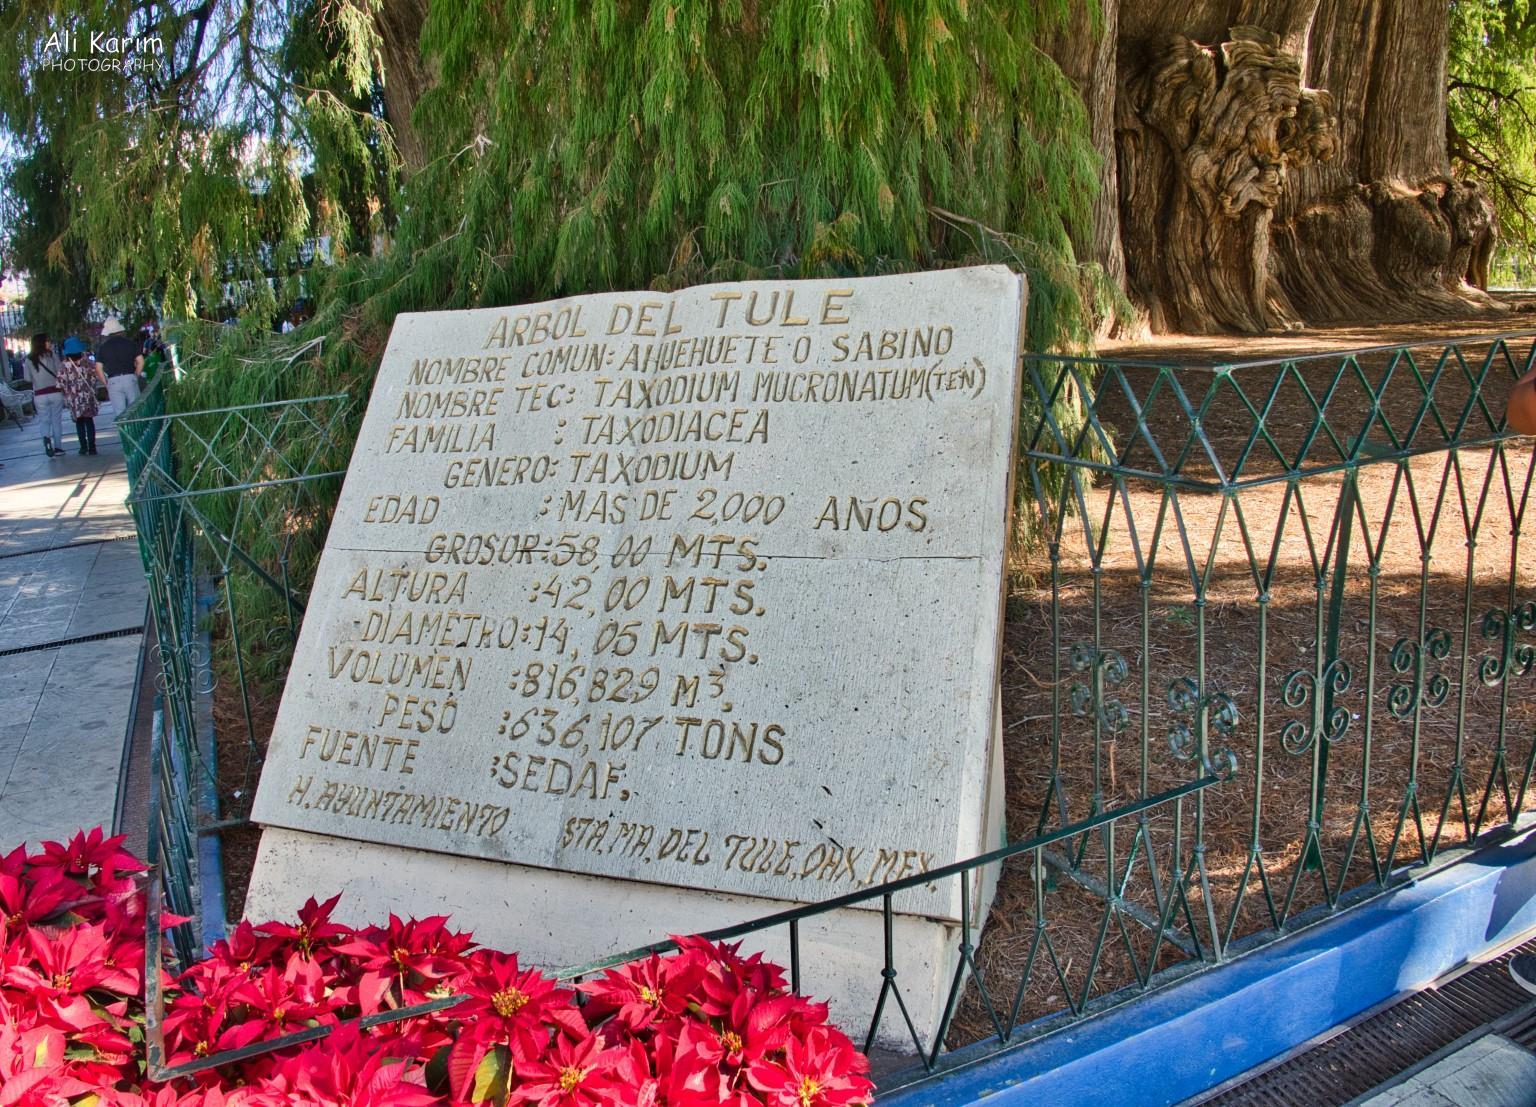 Oaxaca, Mexico Arbor del Tule stats